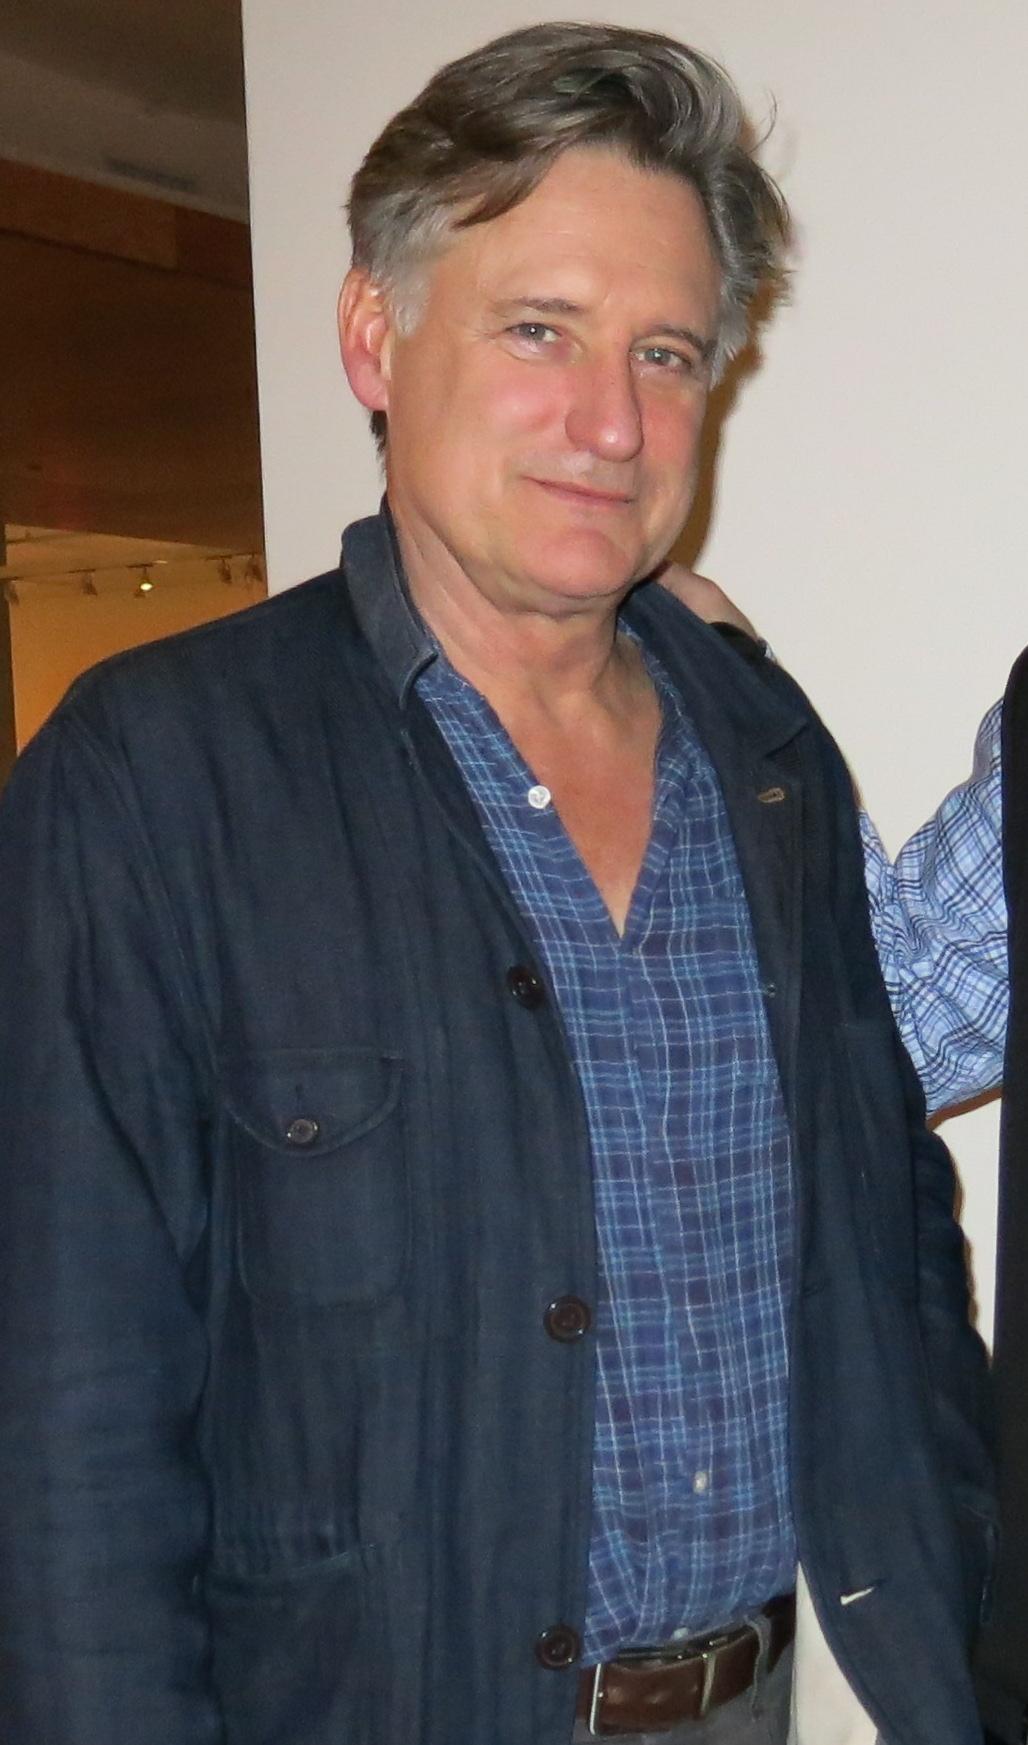 Bill Pullman - Wikipedia